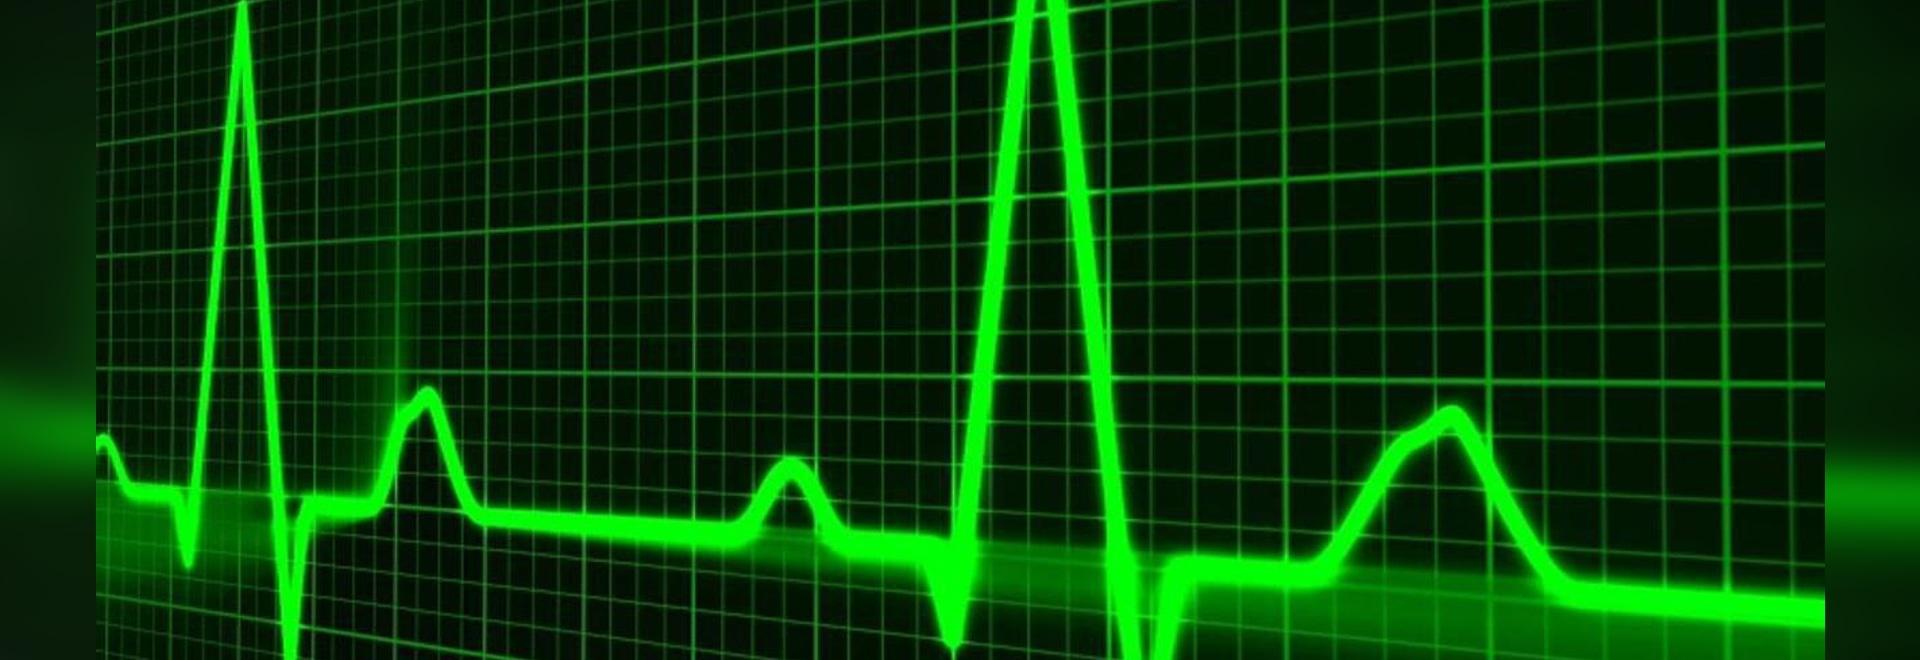 AtriCure complète le recrutement des patients pour l'essai aMAZE